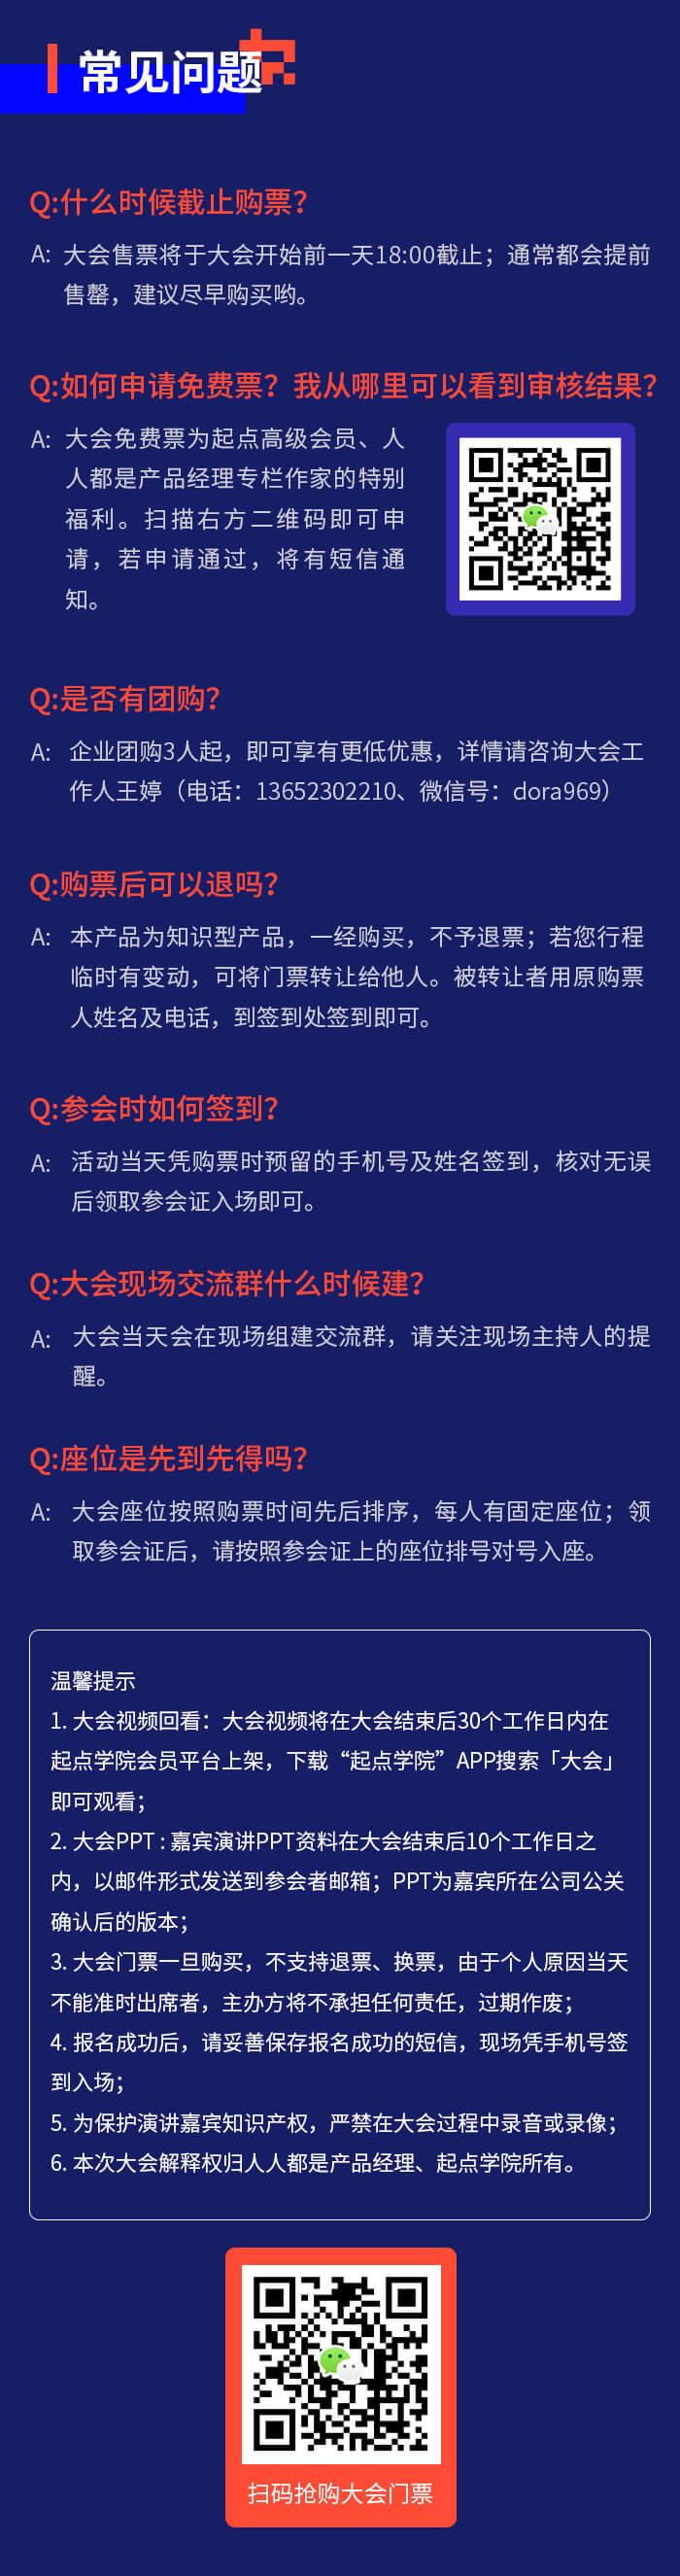 11-创新大会-文章常见问题.jpg